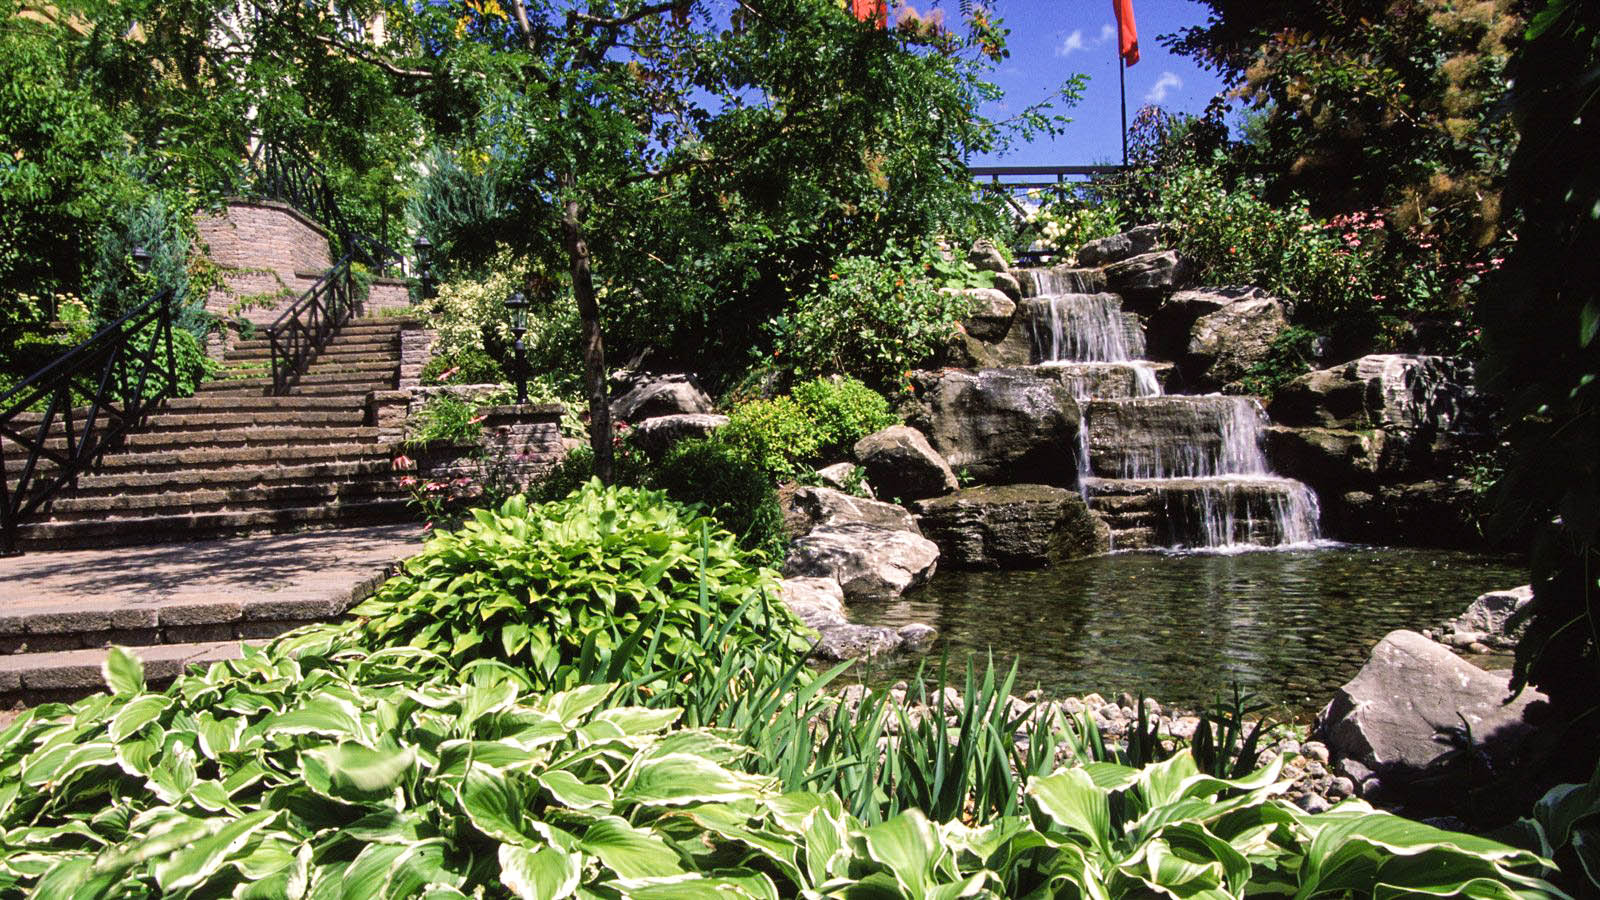 Comment Faire Son Jardin D'eau : Trucs Et Astuces Pour ... concernant Petit Bassin Pour Jardin